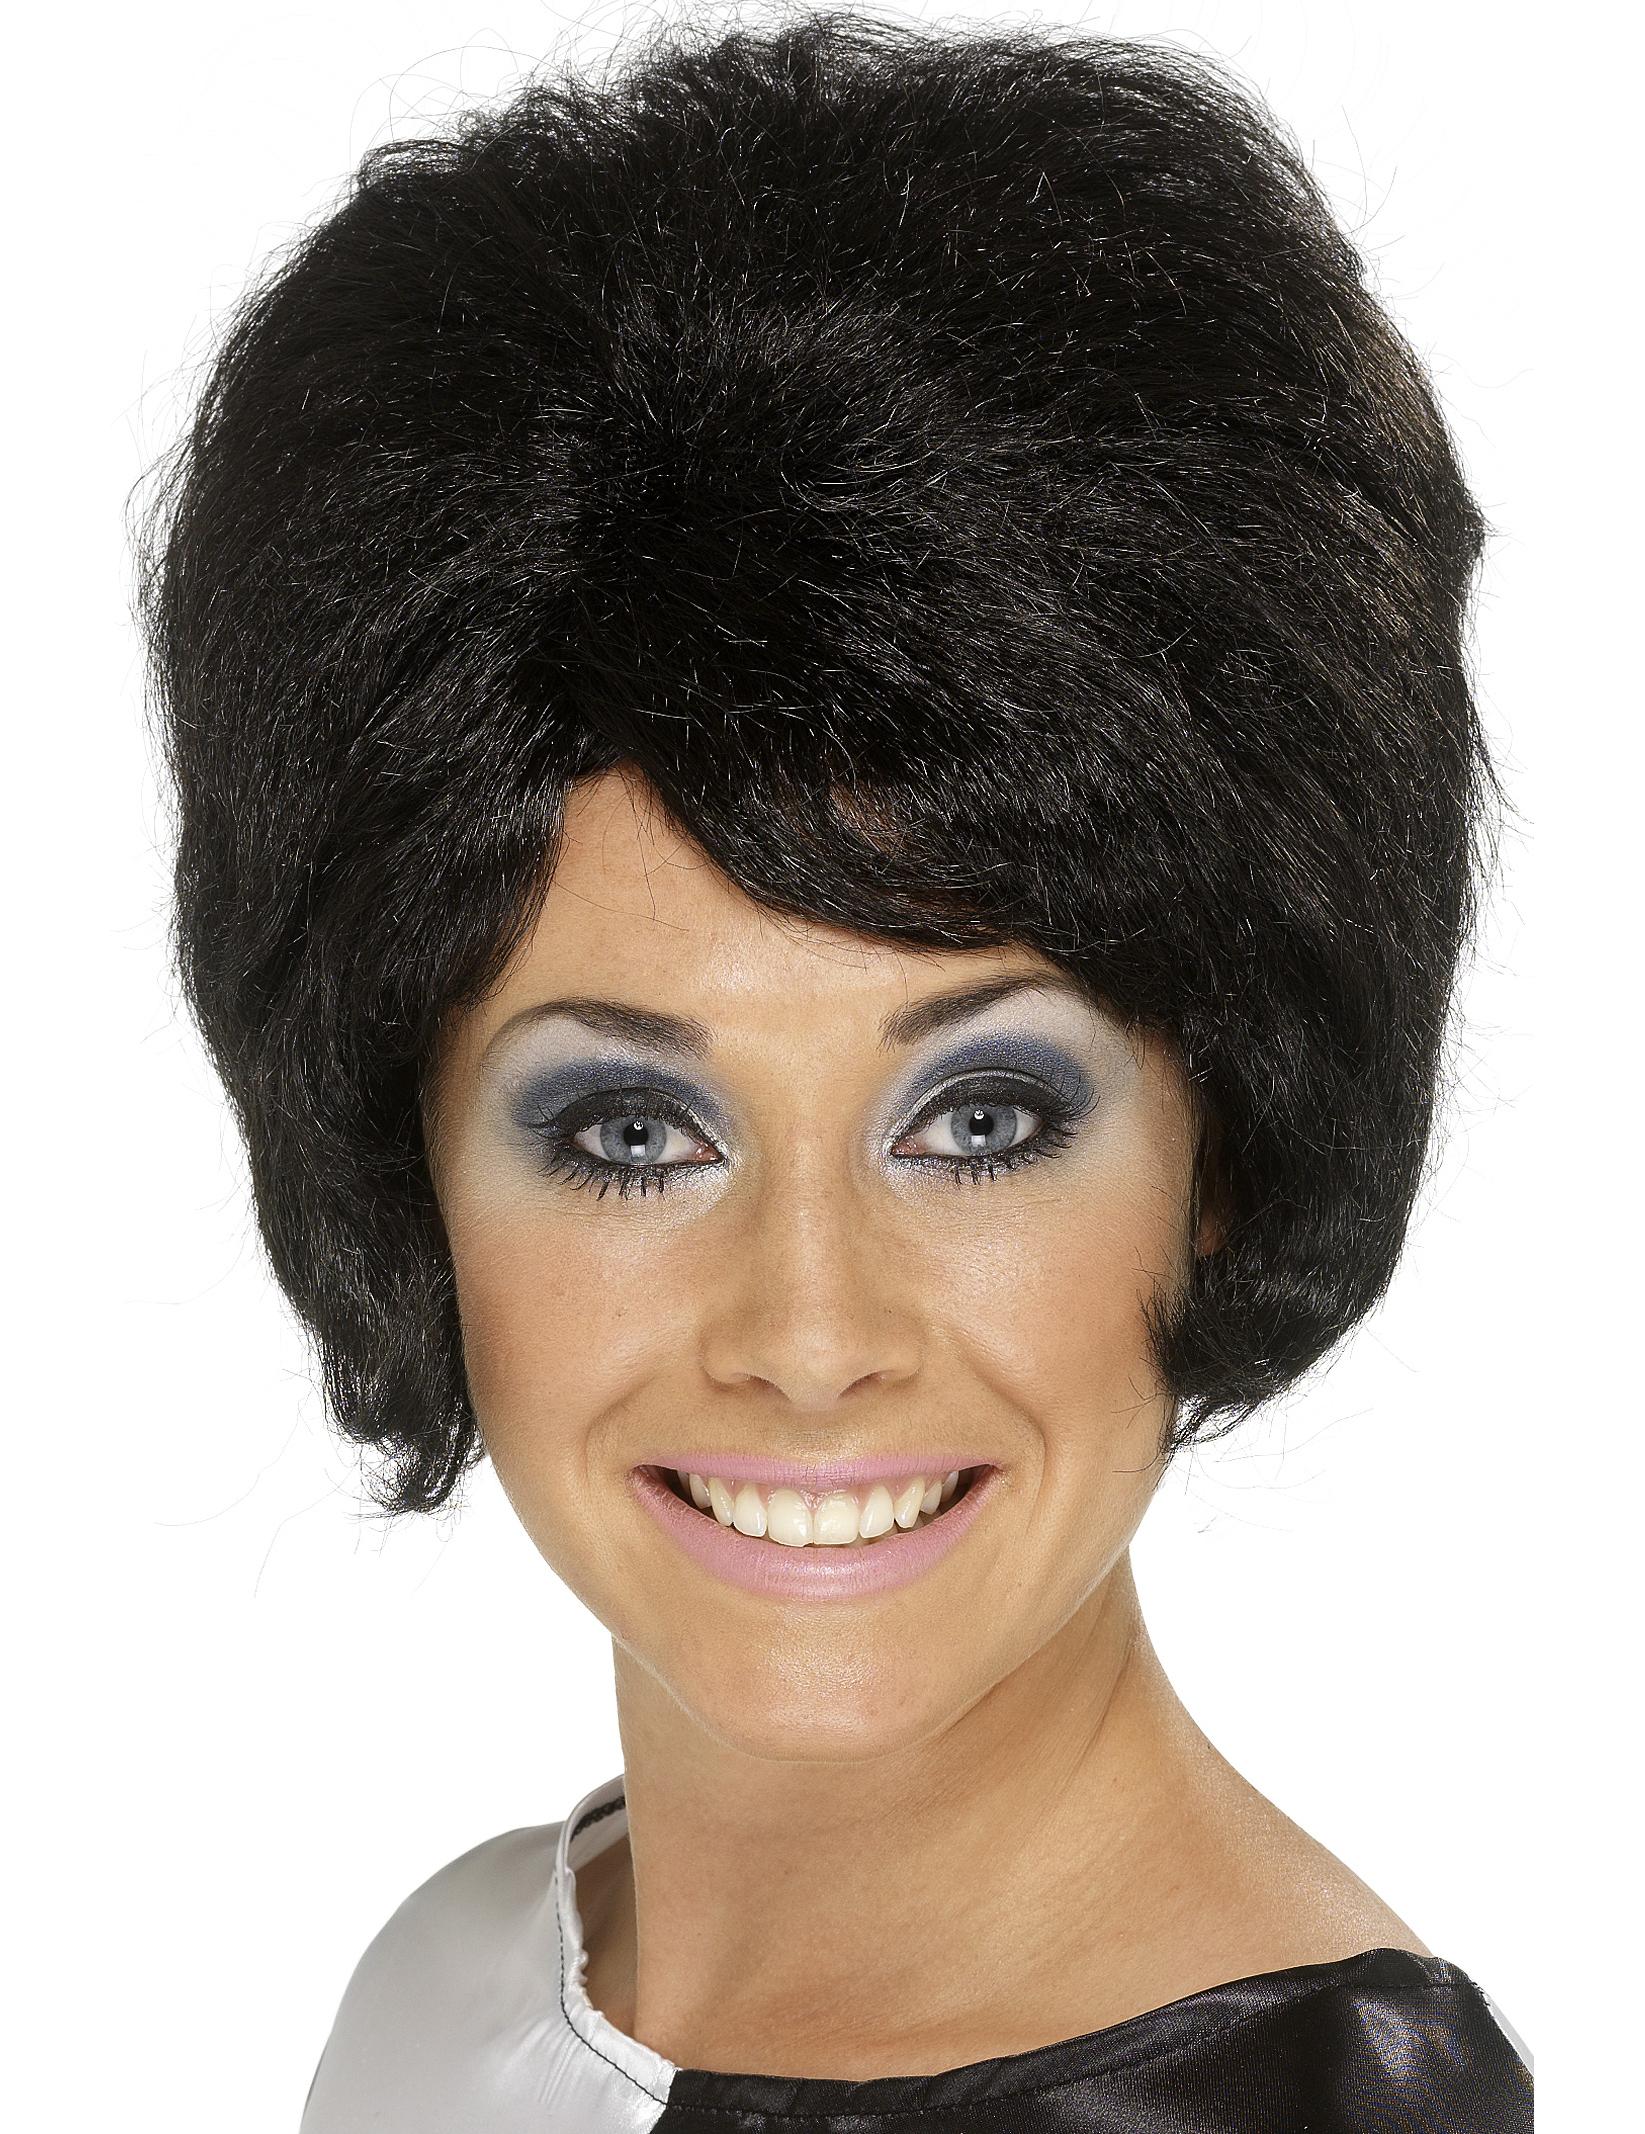 Schwarze Perücke Beehive-Frisur für Damen 40119